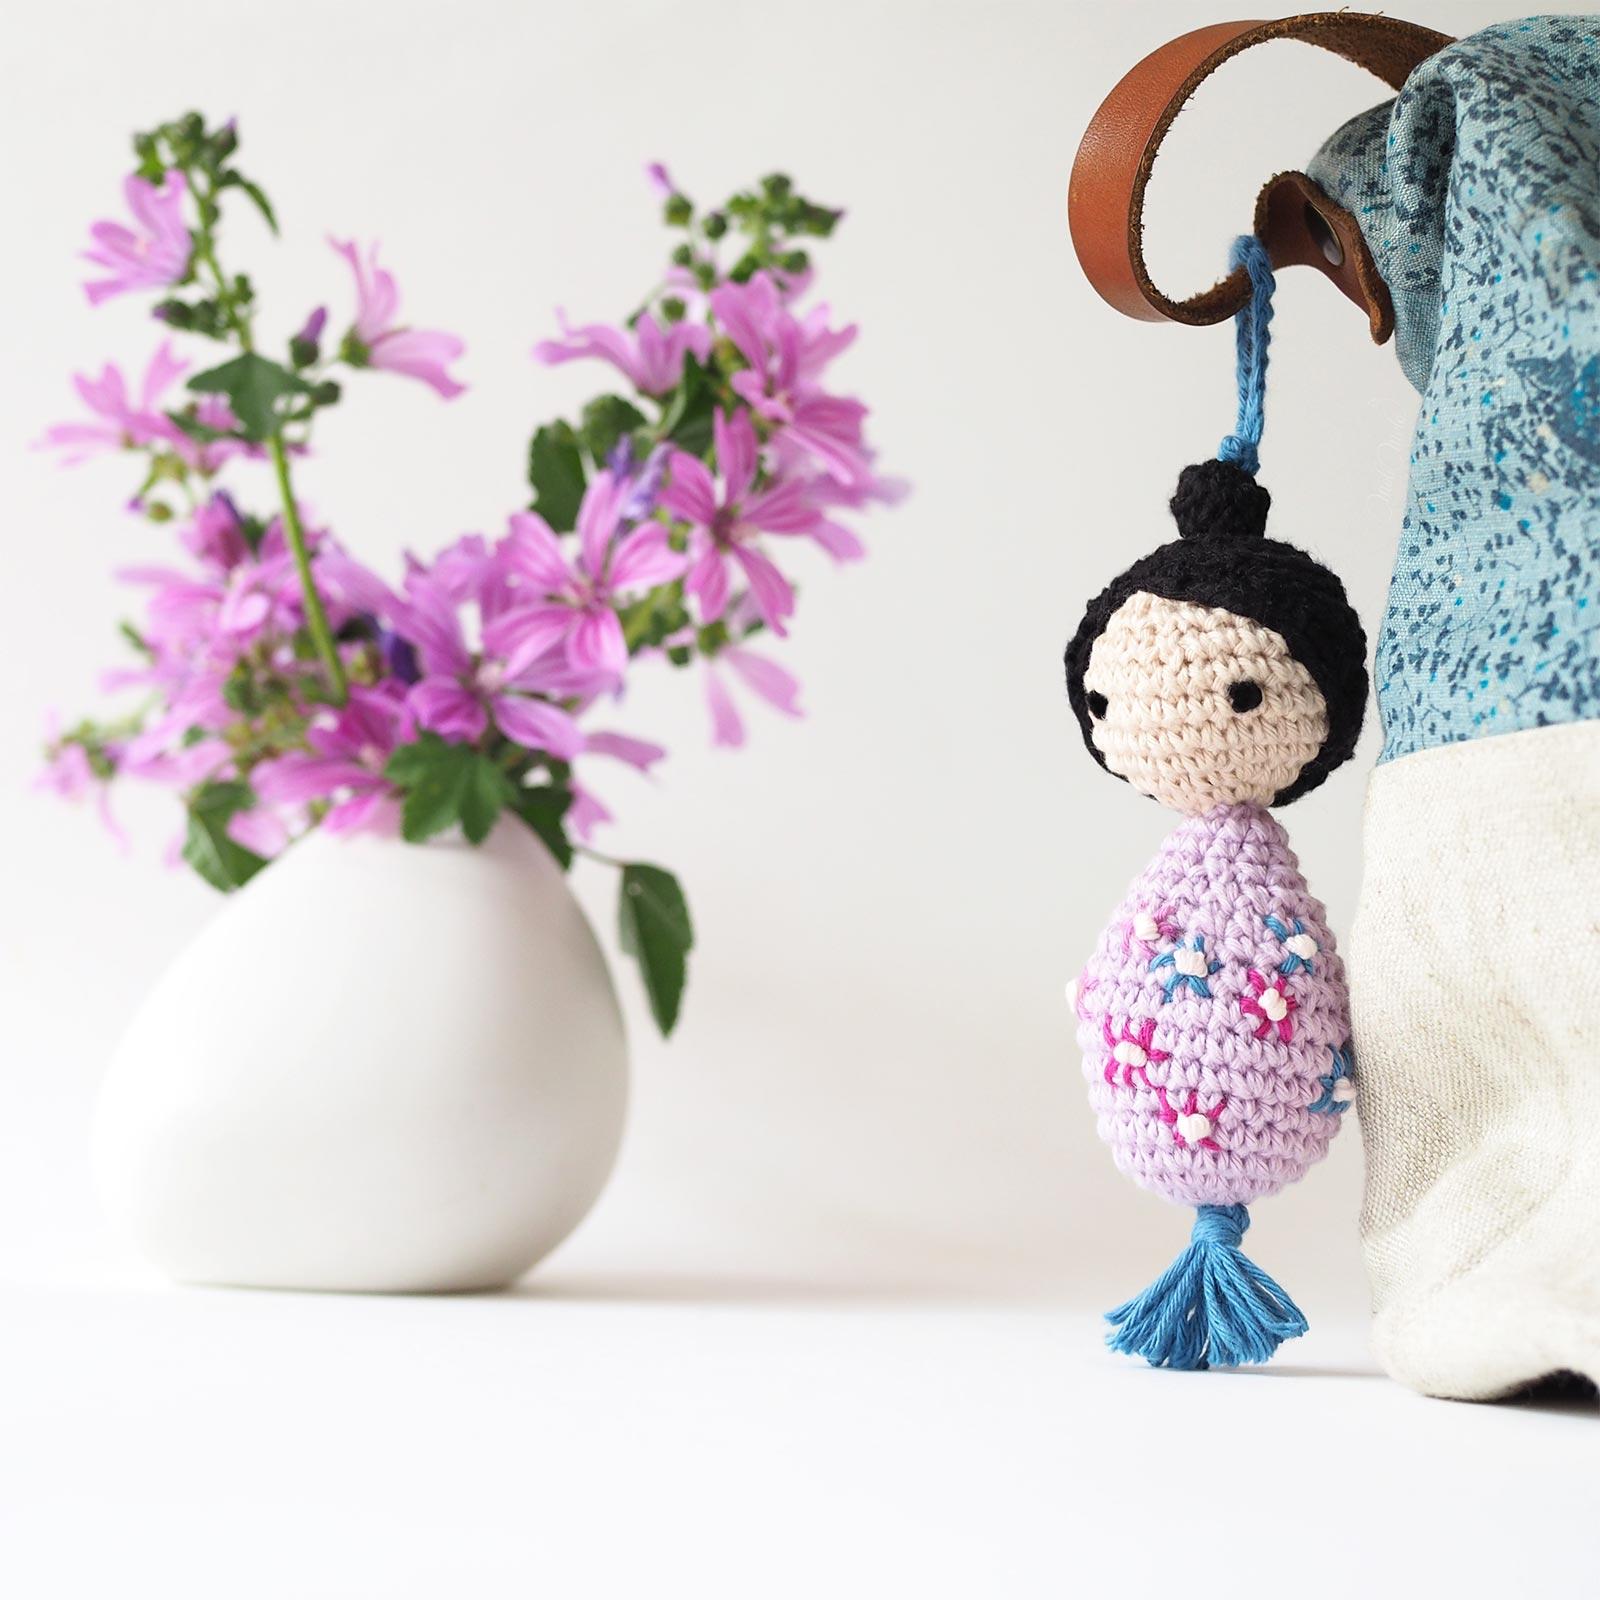 poupée fleurie printemps Les Pois Plumes Ricorumi Ricodesign laboutiquedemelimelo